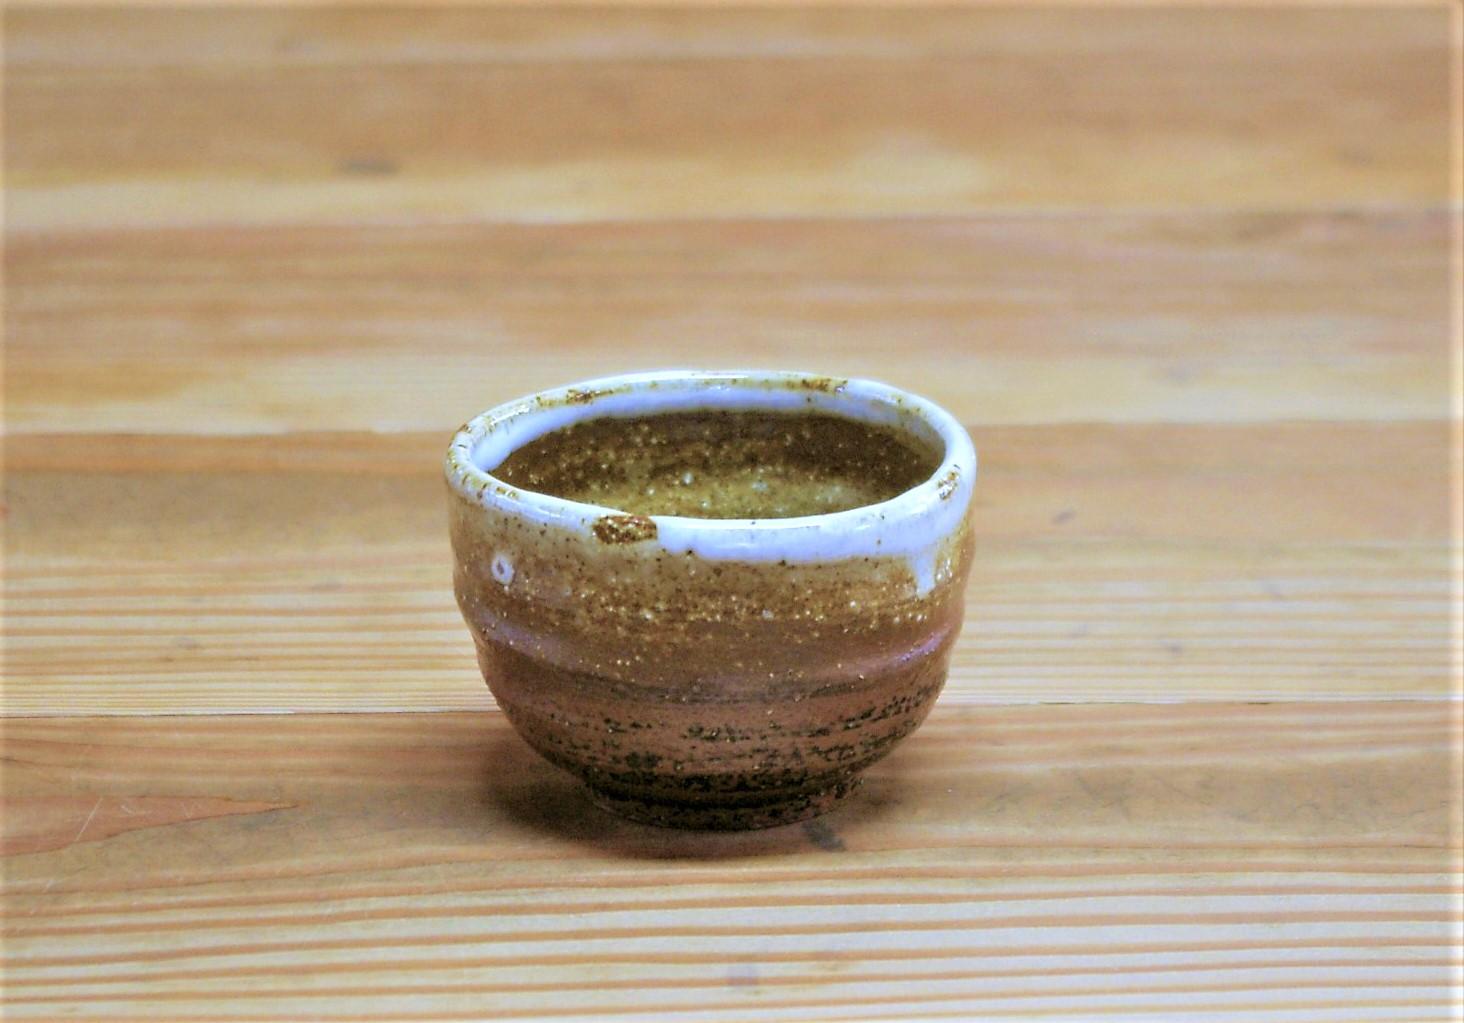 小さめの湯呑  施釉:口元のみ白マット、内外側に薄い黄瀬戸